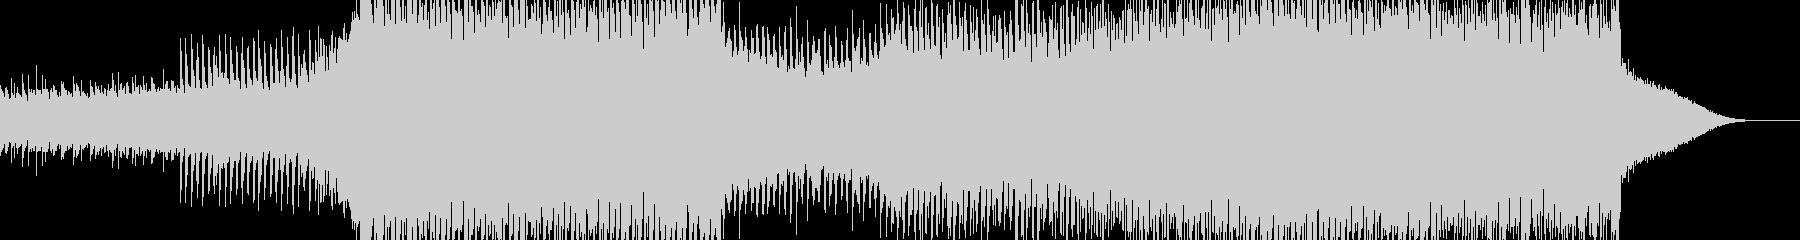 健やかな日常をイメージ【EDM】  の未再生の波形